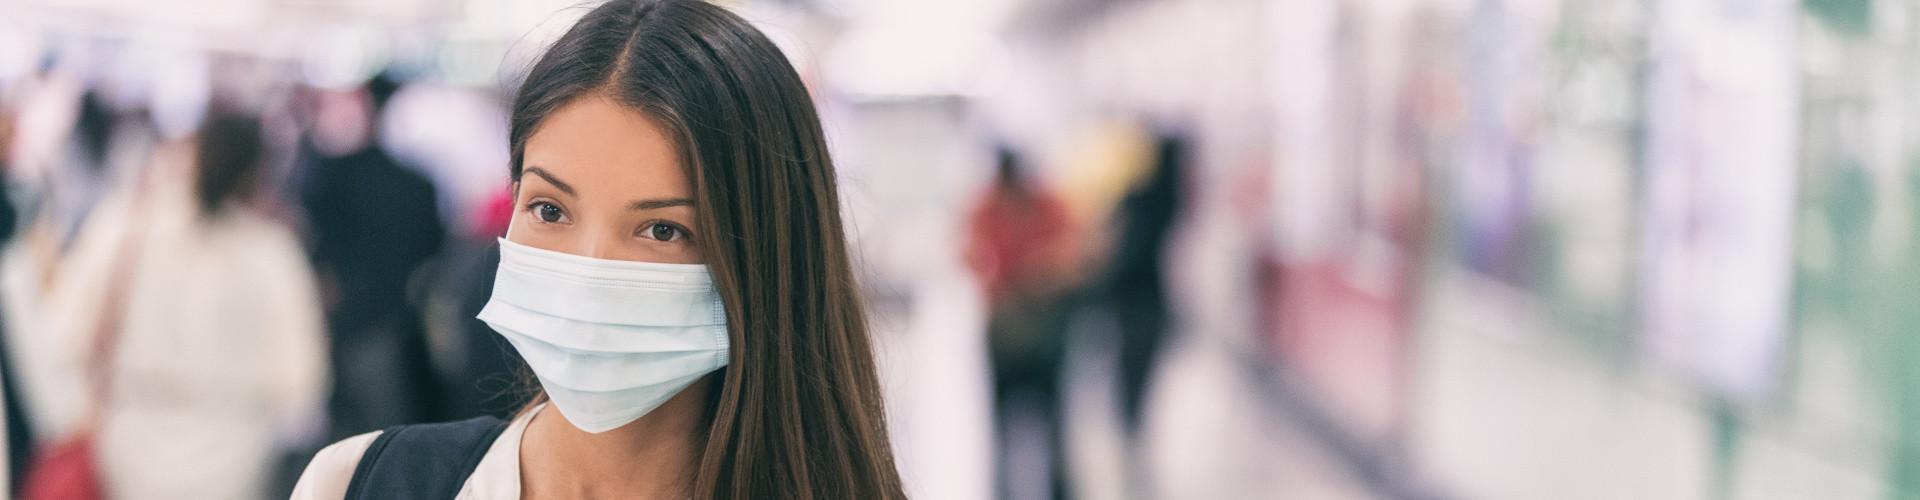 Frau mit Maske © Adobe Stock, Maridav